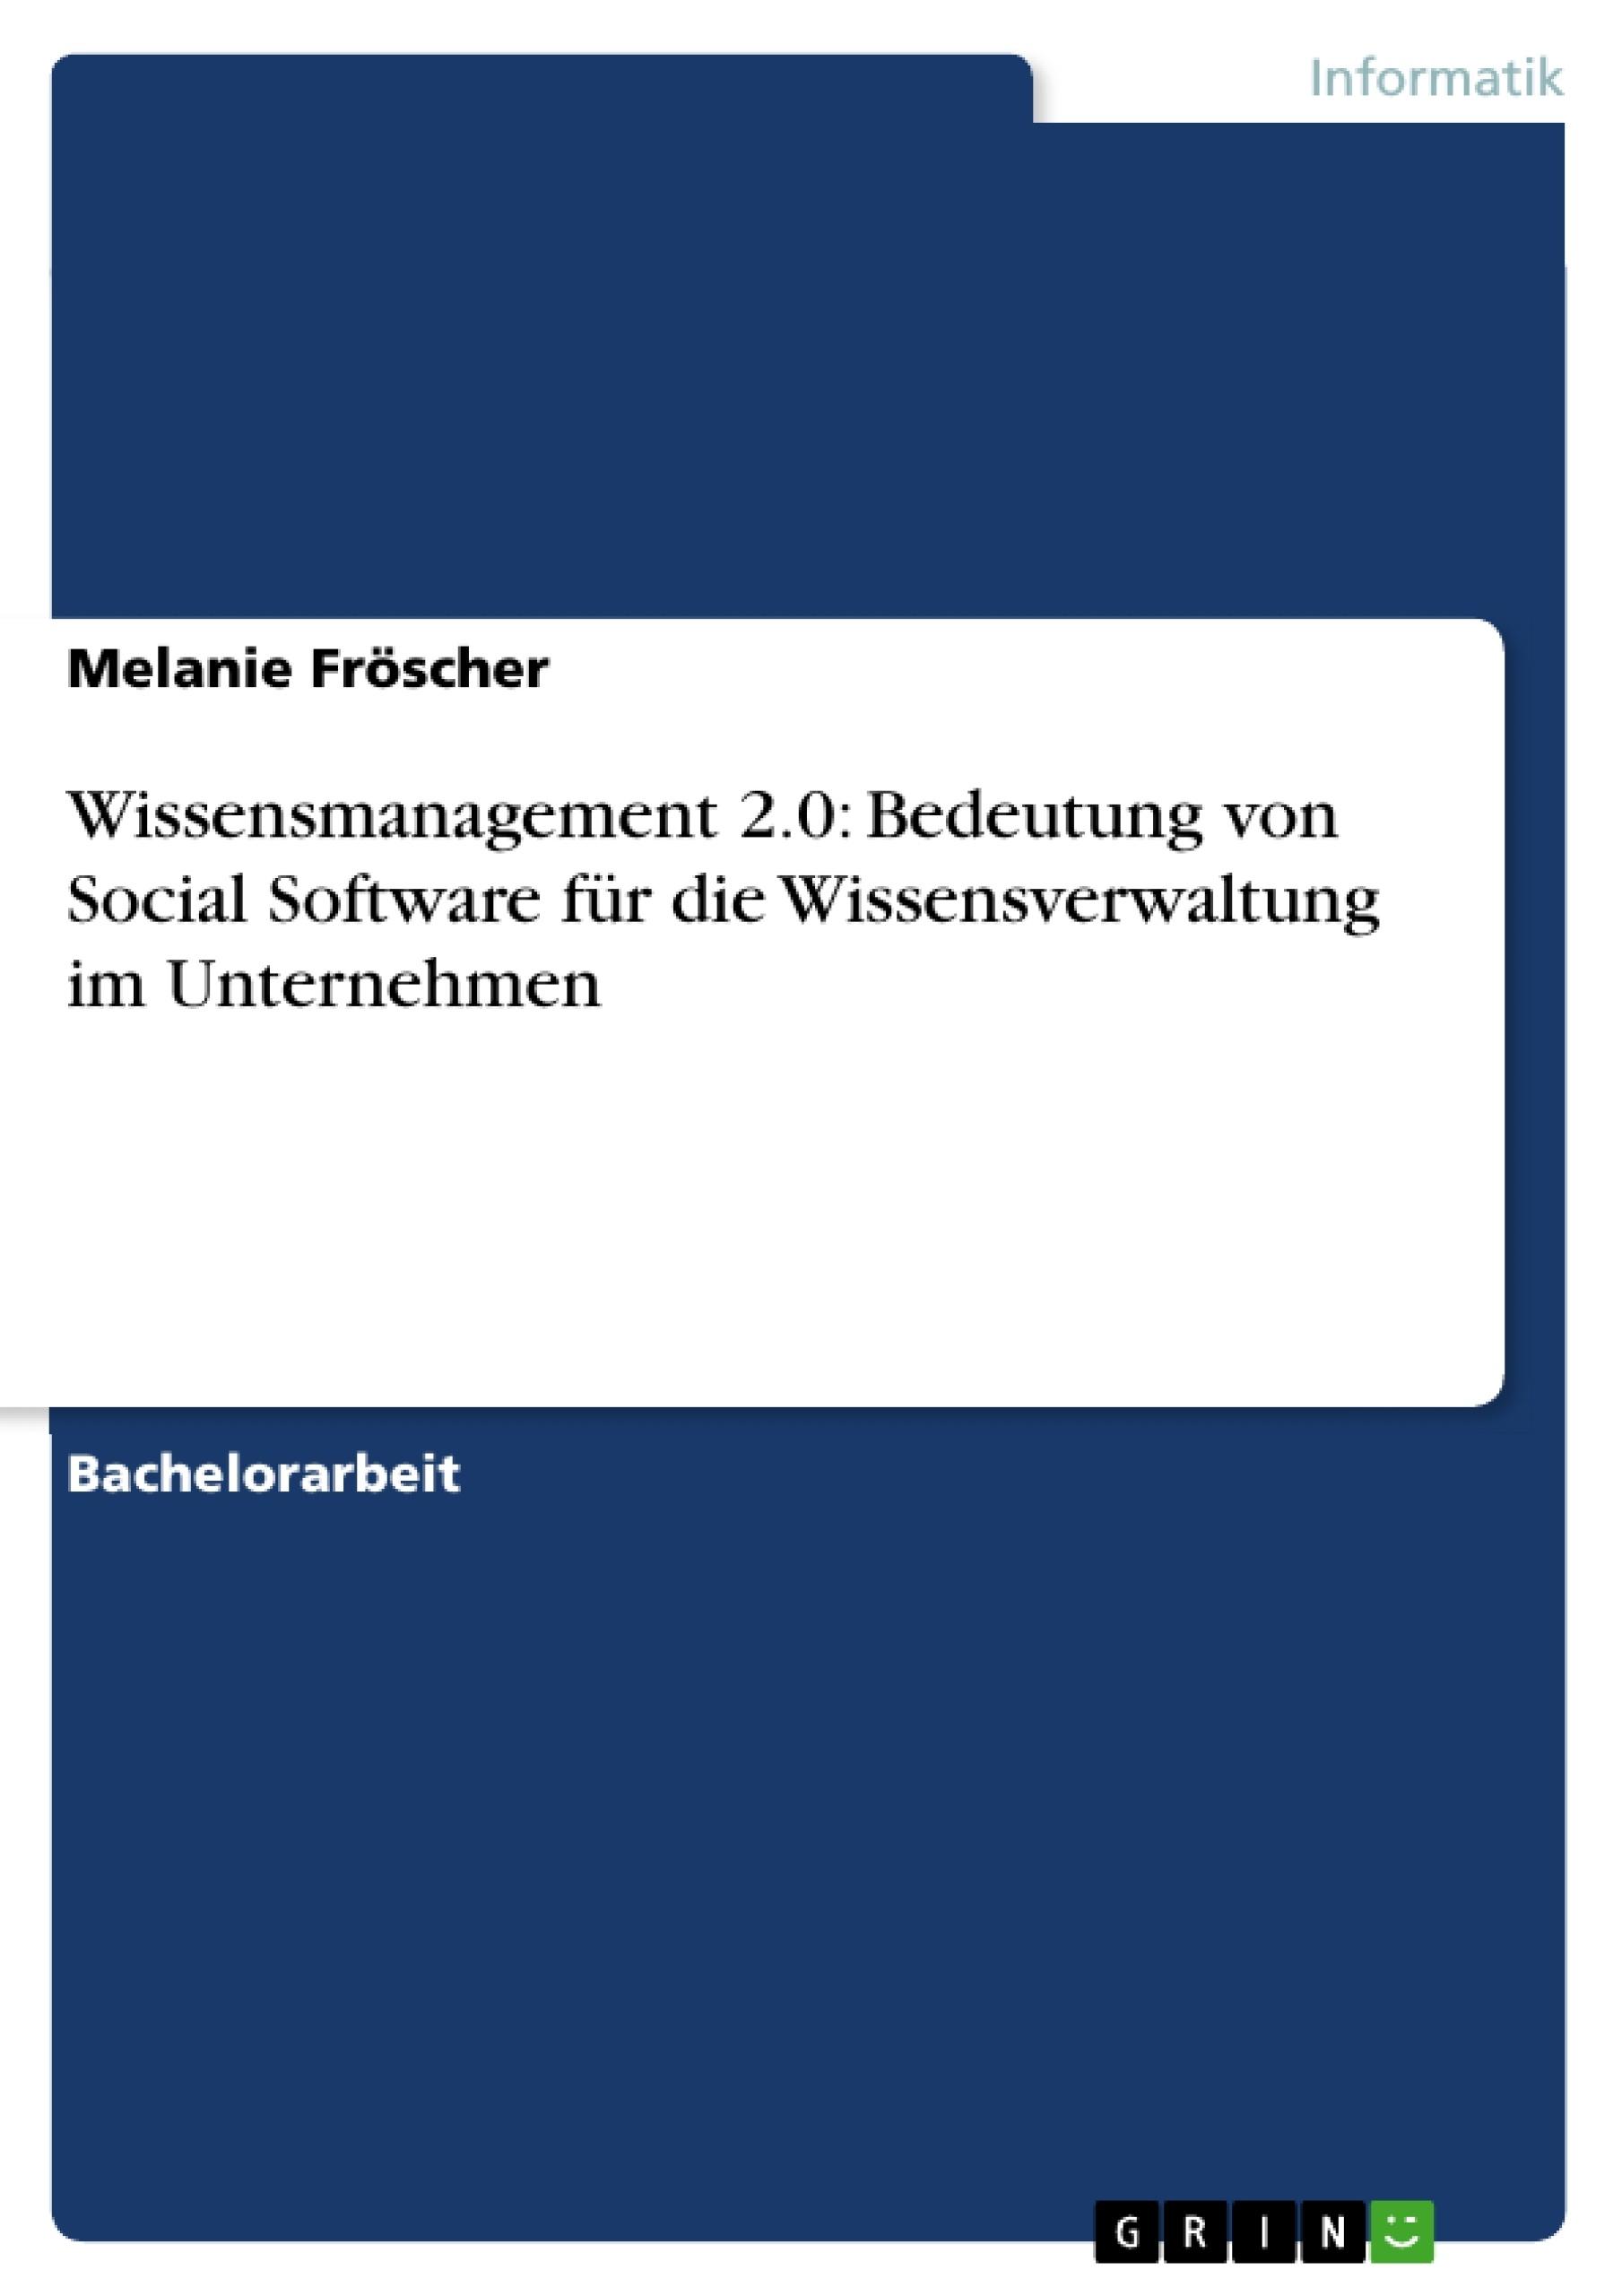 Titel: Wissensmanagement 2.0: Bedeutung von Social Software für die Wissensverwaltung im Unternehmen